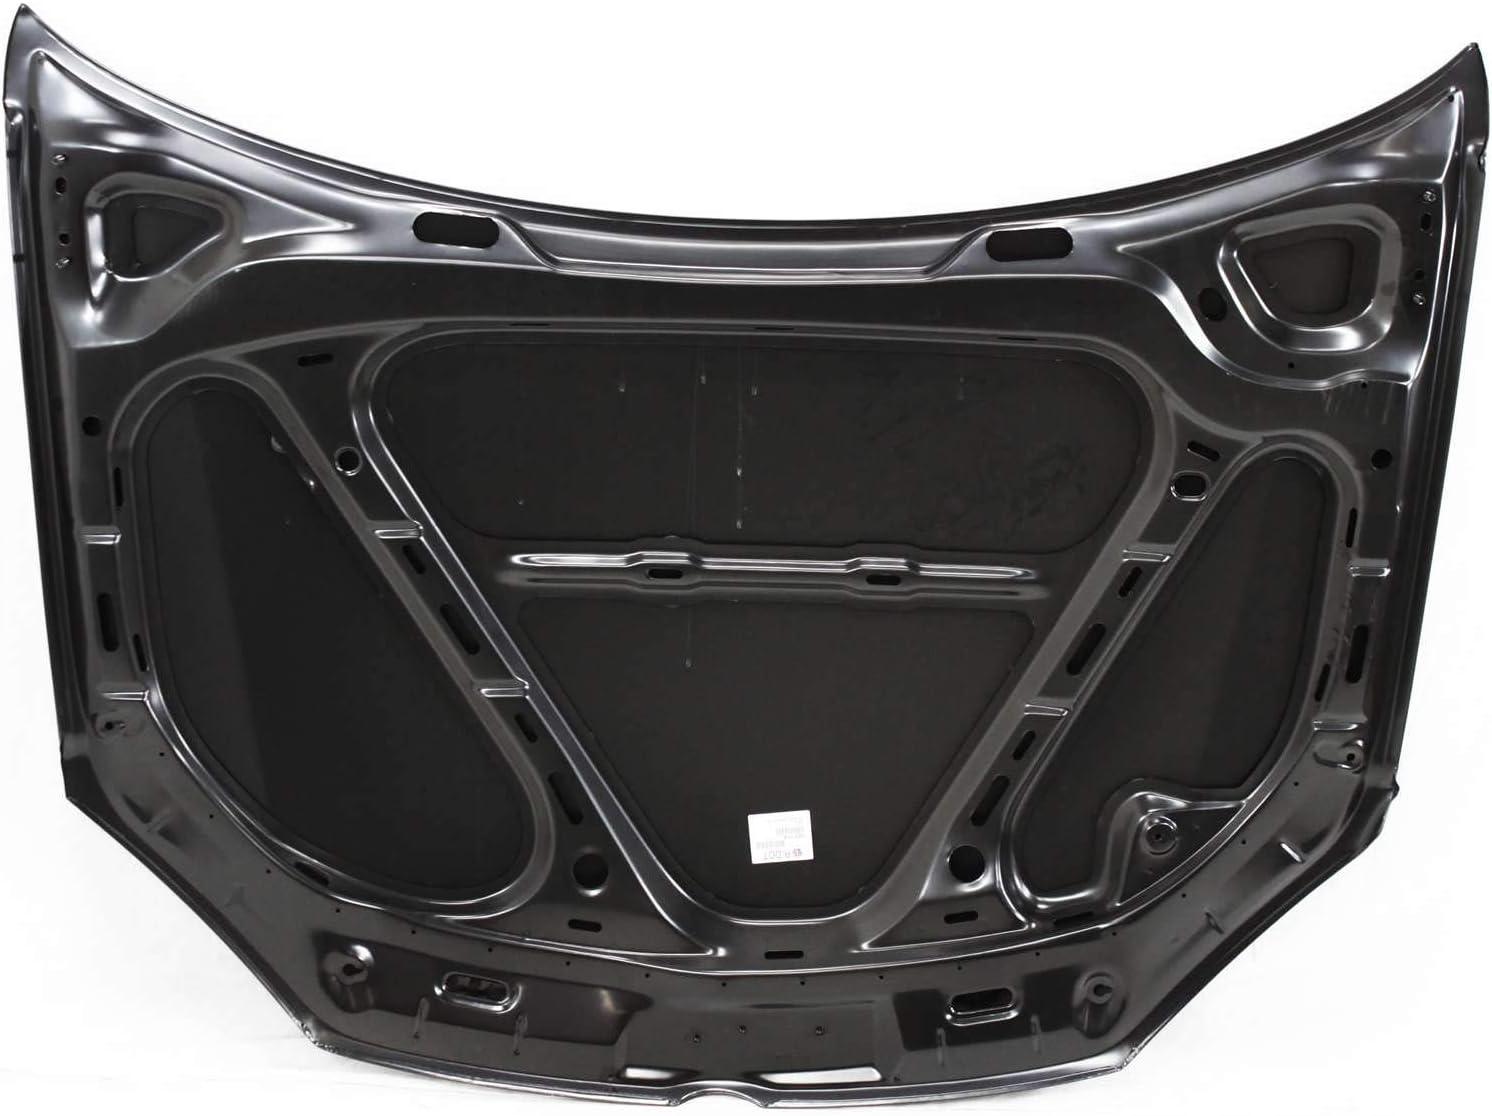 09 Sedan//Wagon Hood Compatible with Volkswagen JETTA 2005-2010 Steel 5th Gen